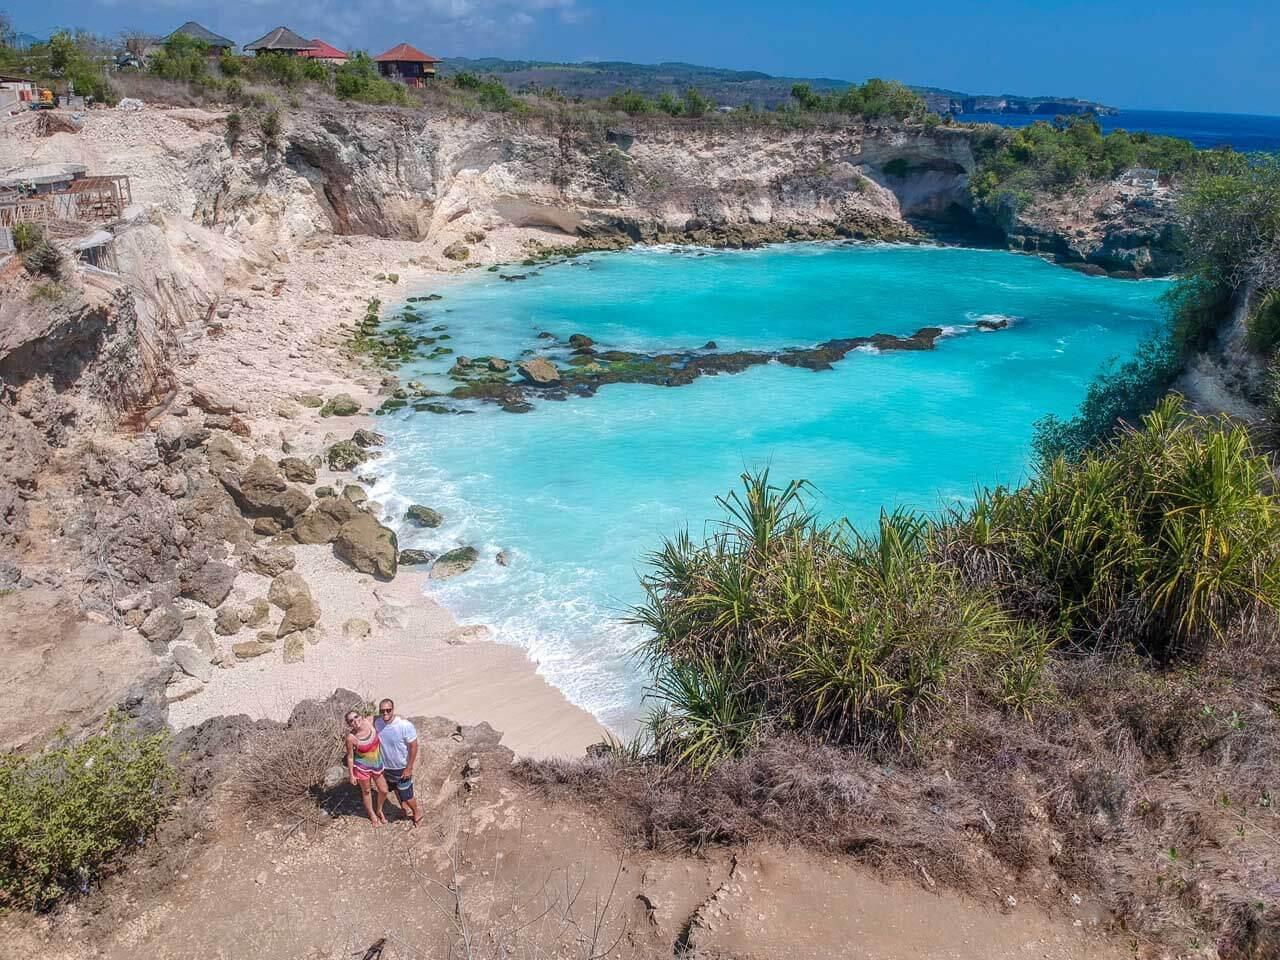 Blue Lagoon em Nusa Ceningan